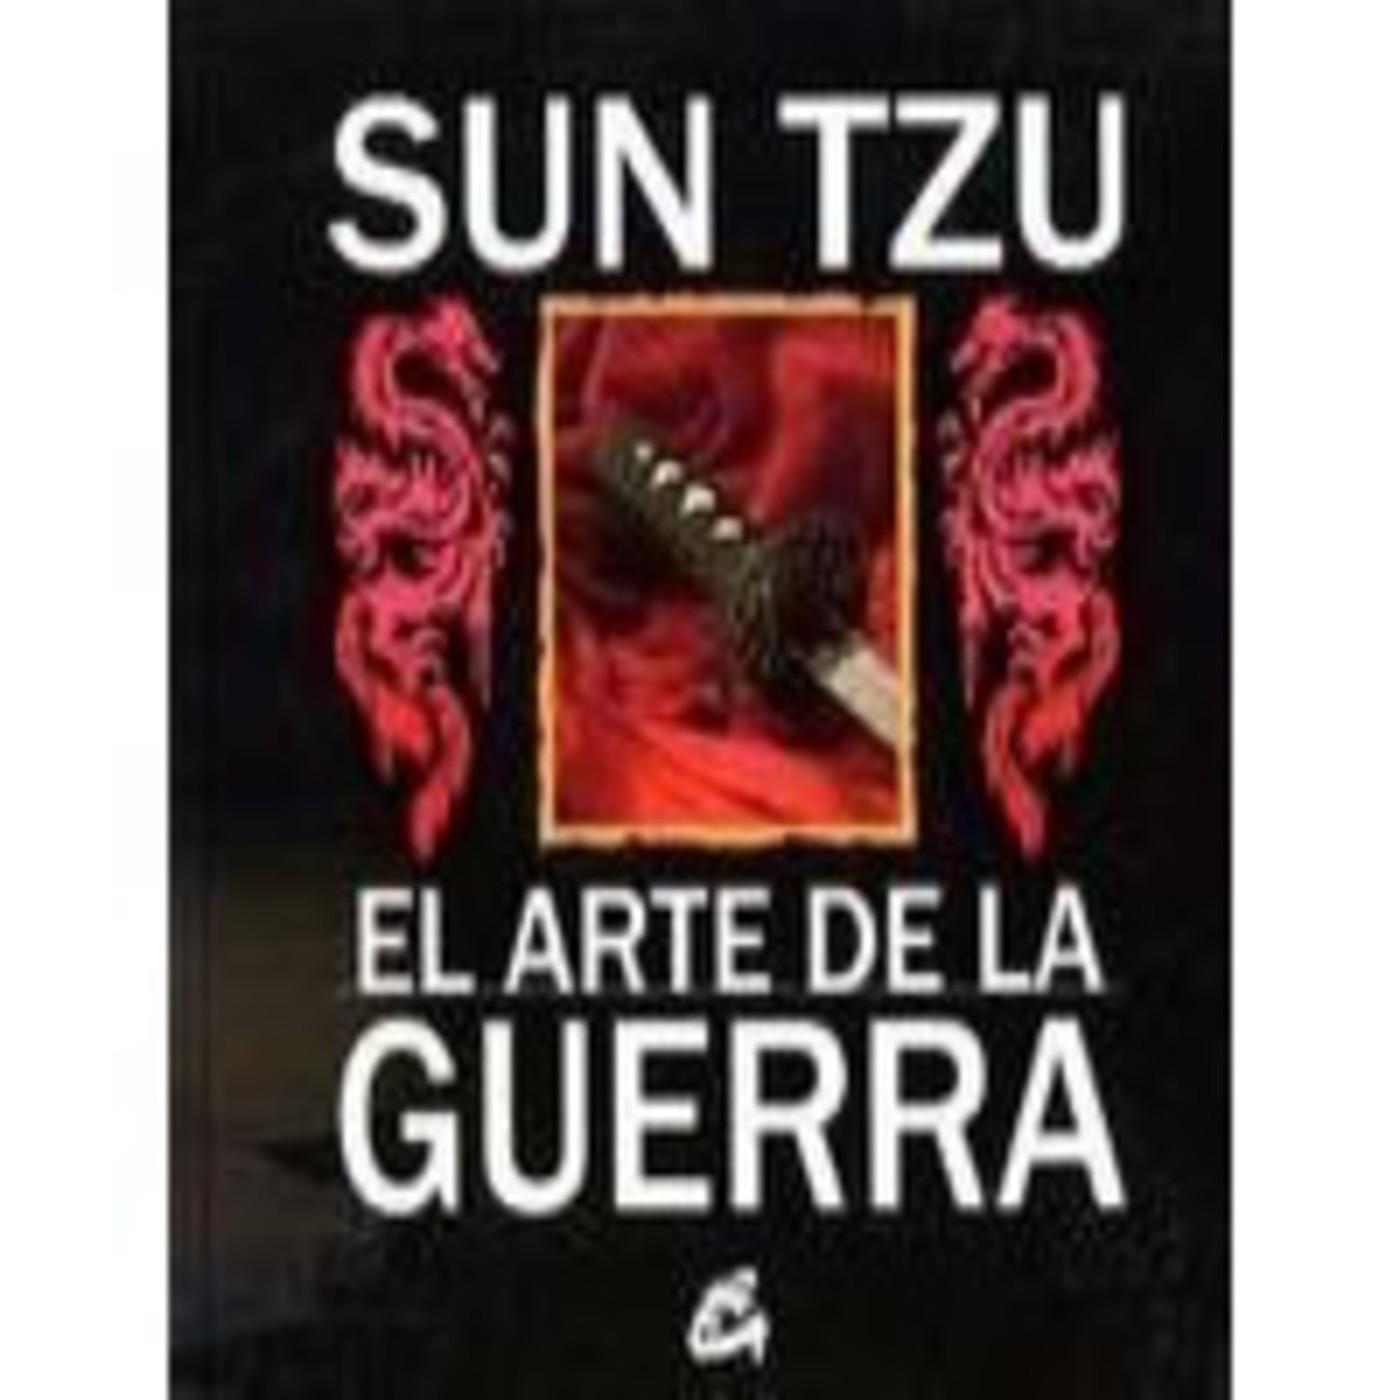 El arte de la guerra audio completo en el arte de la guerra sun tzu completo en mp3 02 11 a las 20 24 09 02 00 28 2510911 ivoox